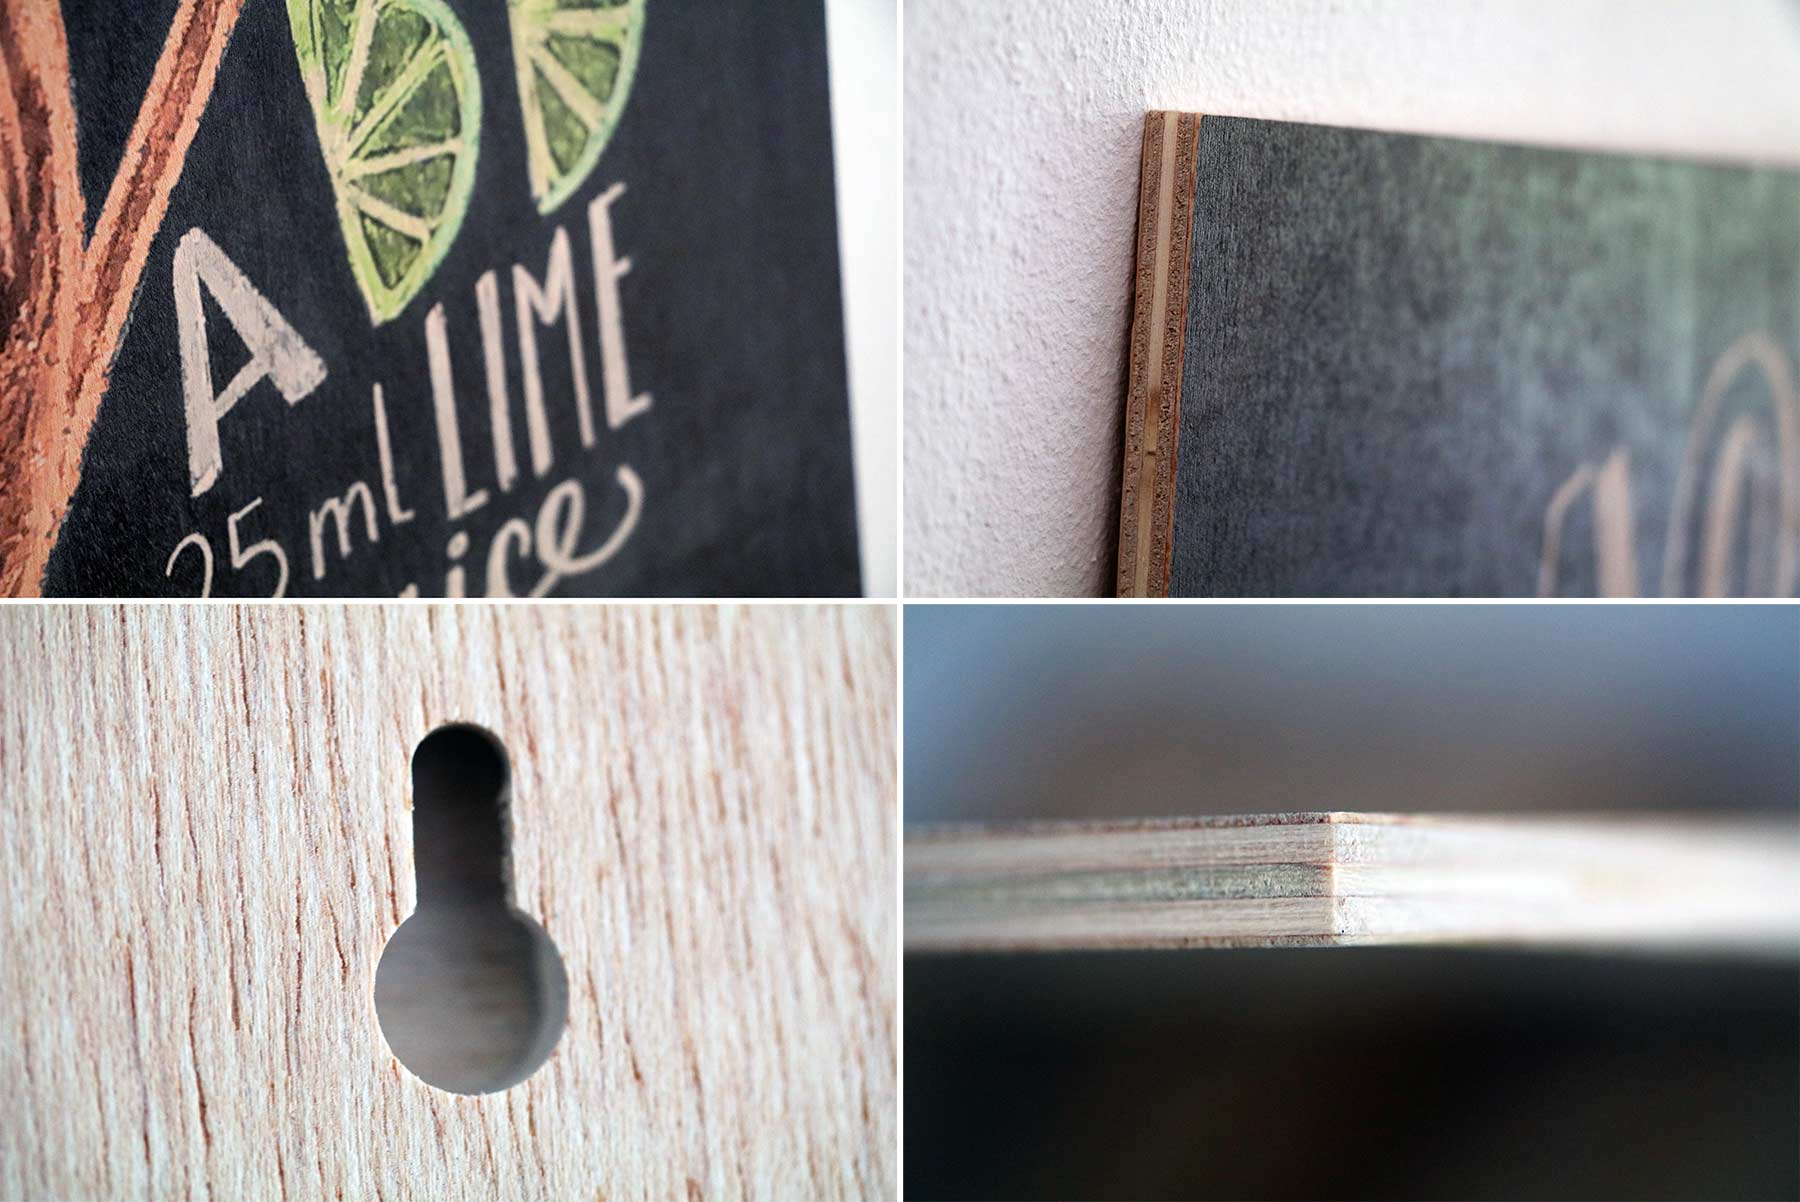 Holzbilddrucke von Posterlounge im Test posterlounge-holzbild-test_04